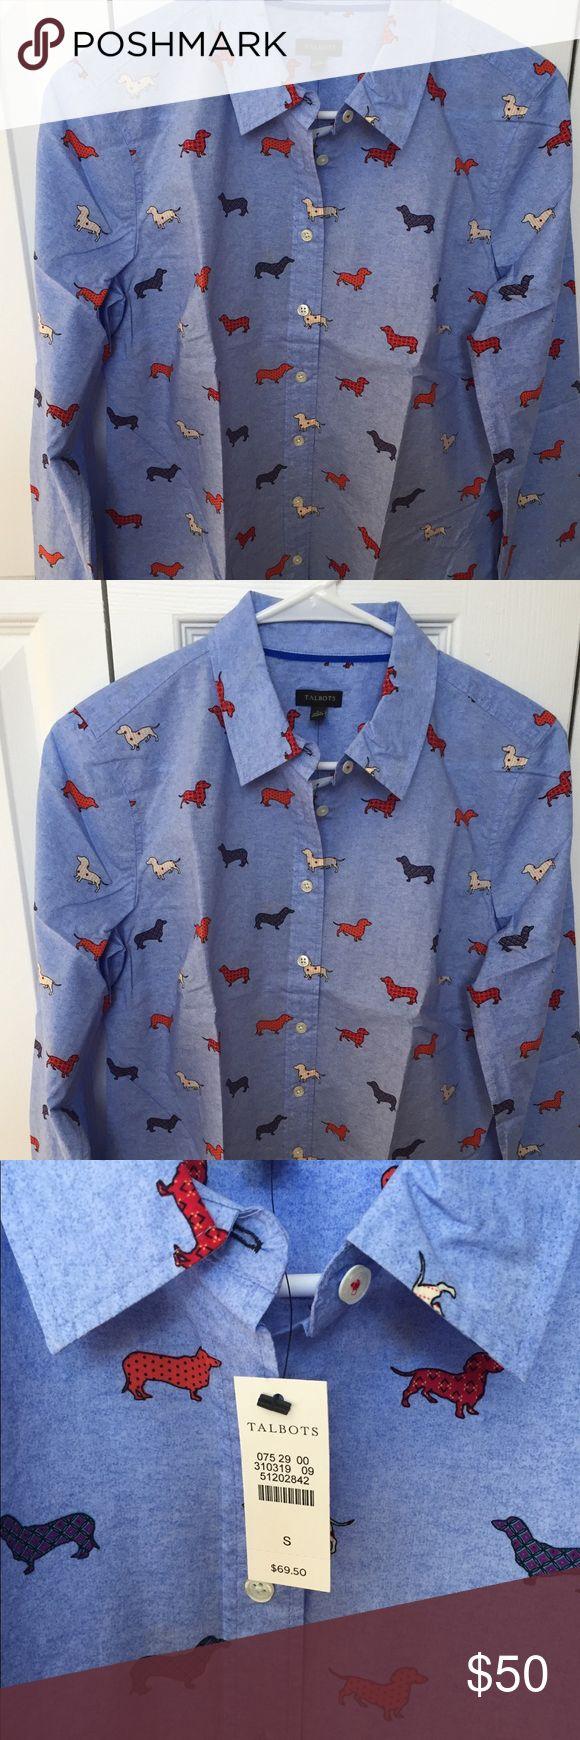 Button Down Dachshund Shirt NWT adorable Dachshund print shirt from Talbots. Talbots Tops Button Down Shirts